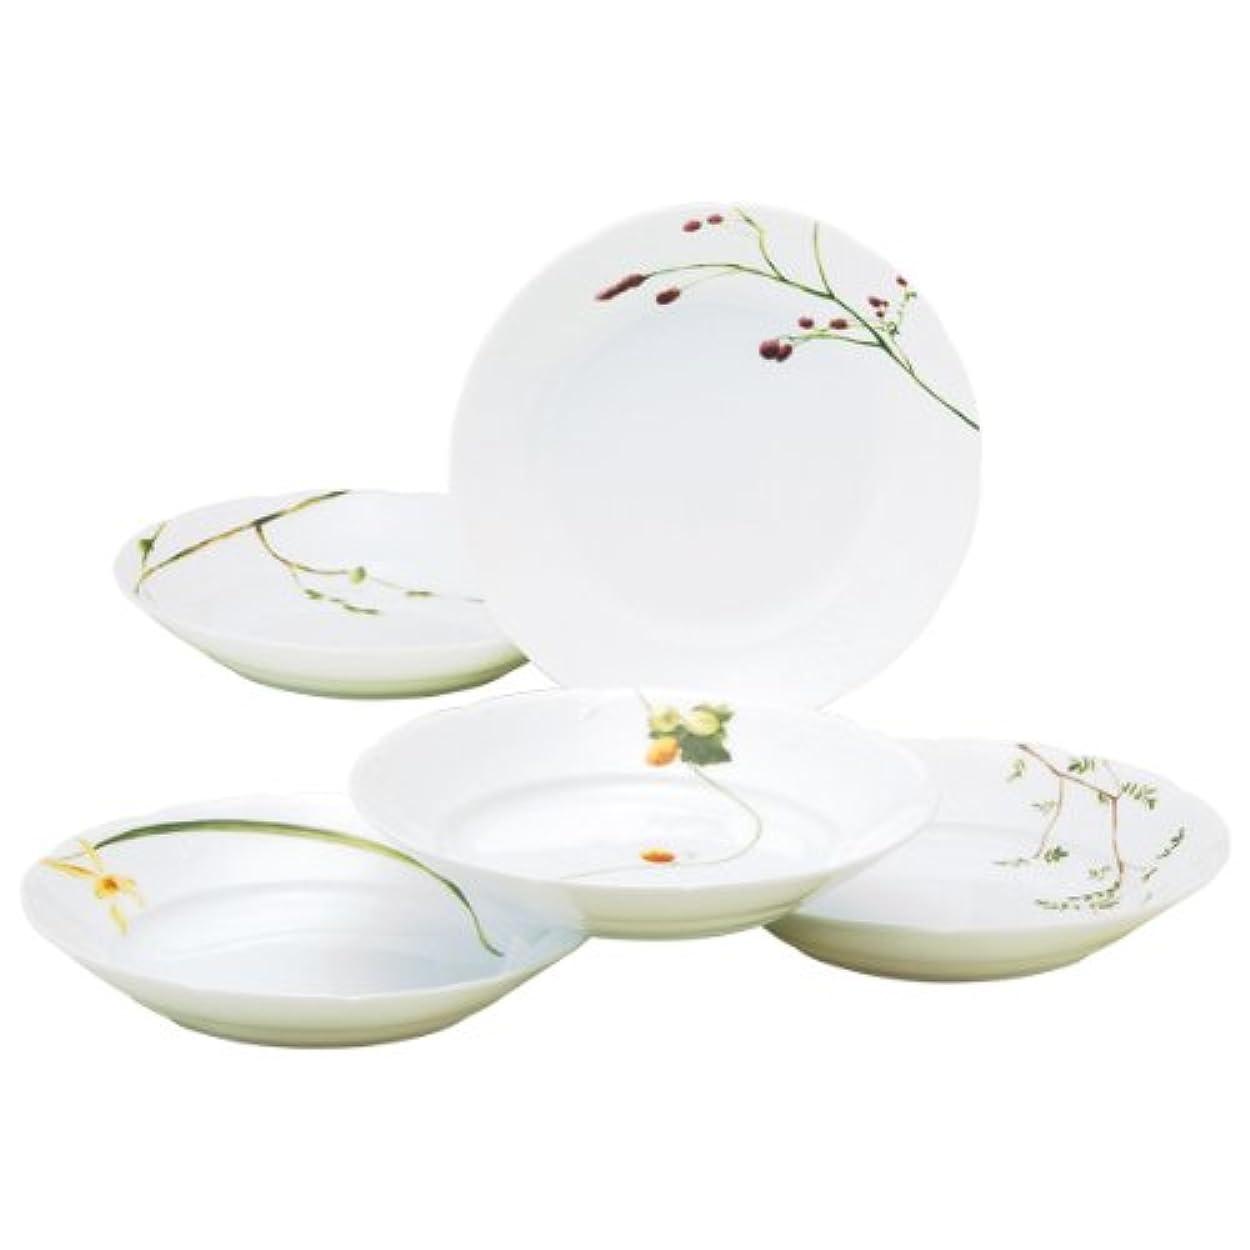 店主印刷する極めてNARUMI(ナルミ) プレート 皿 セット 里花暦(さとはなごよみ) 花柄 径21cm 5枚セット カレー&パスタ 電子レンジ温め対応 日本製 40912-32842